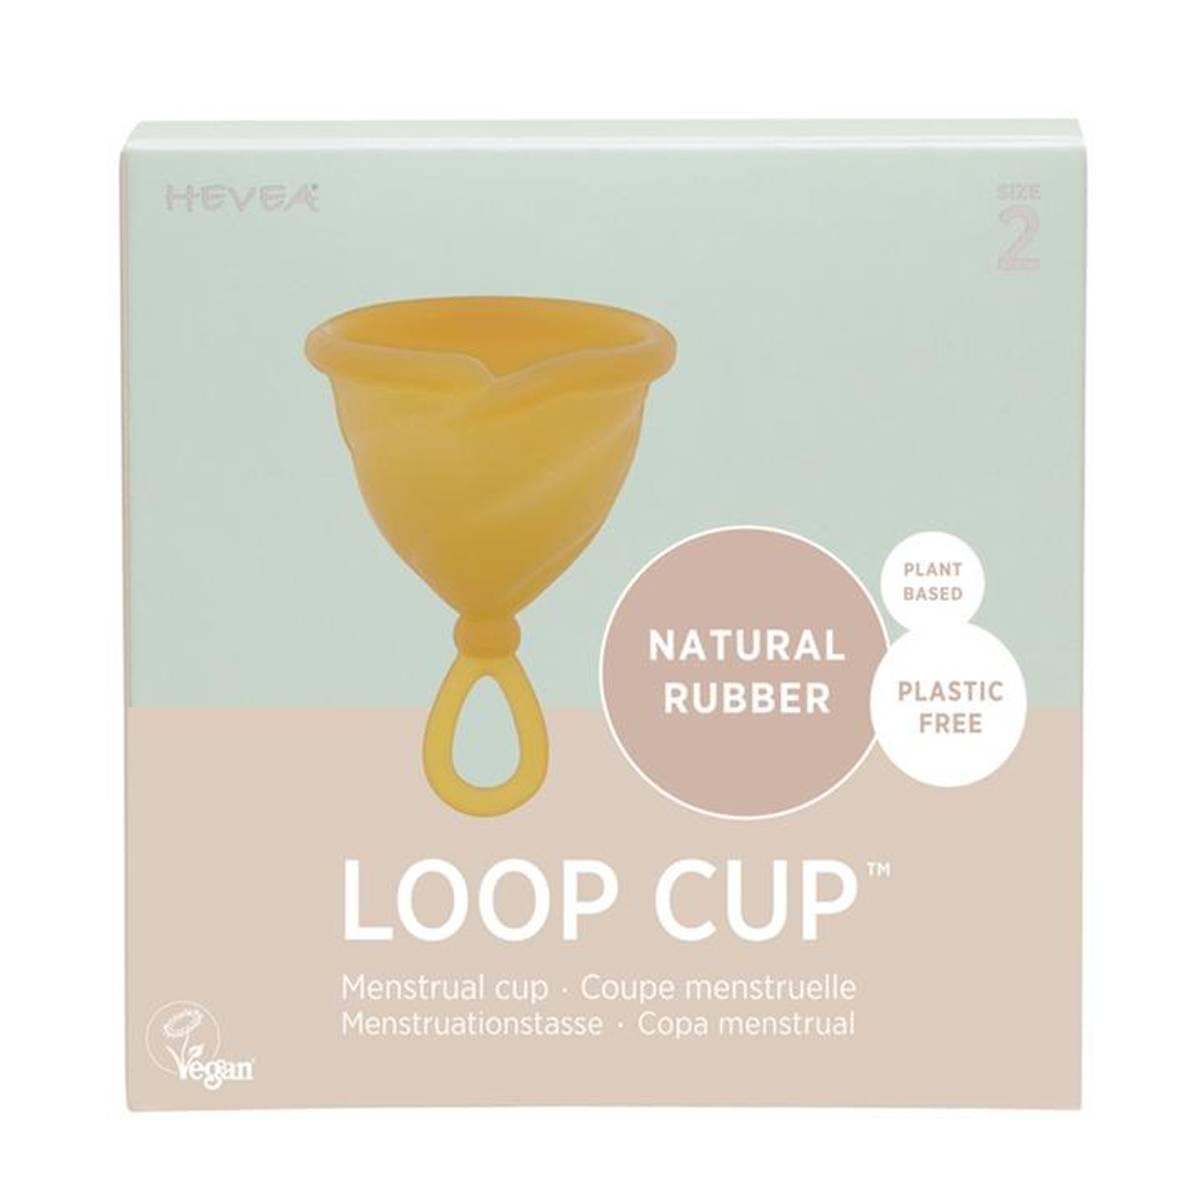 LOOP CUP str.2, menskopp i naturgummi / Hevea